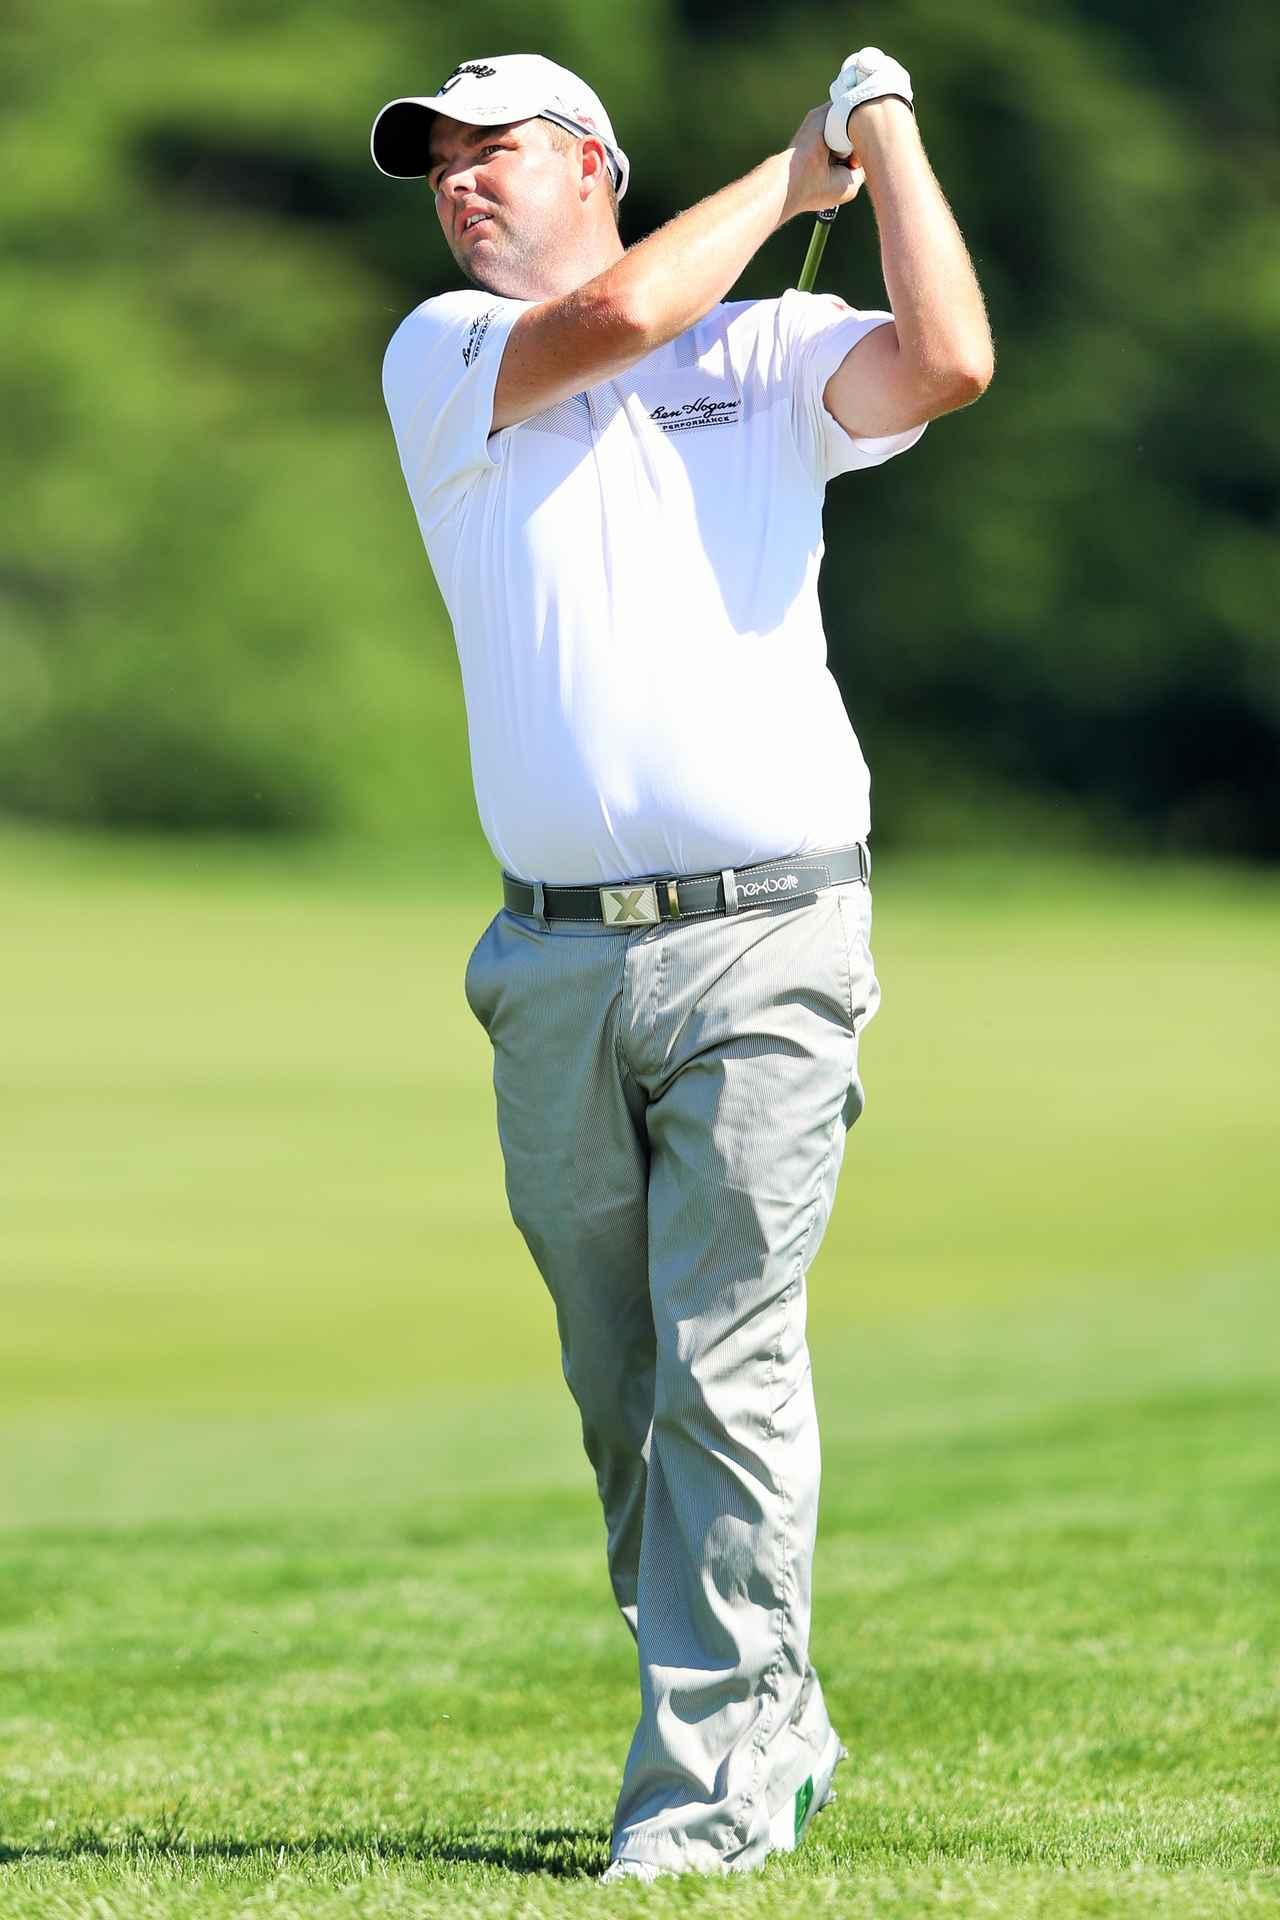 画像: 身長188センチ大型プレーヤーのマーク・リーシュマンは、2013年「マスターズ」で4位入賞の実績を持つ